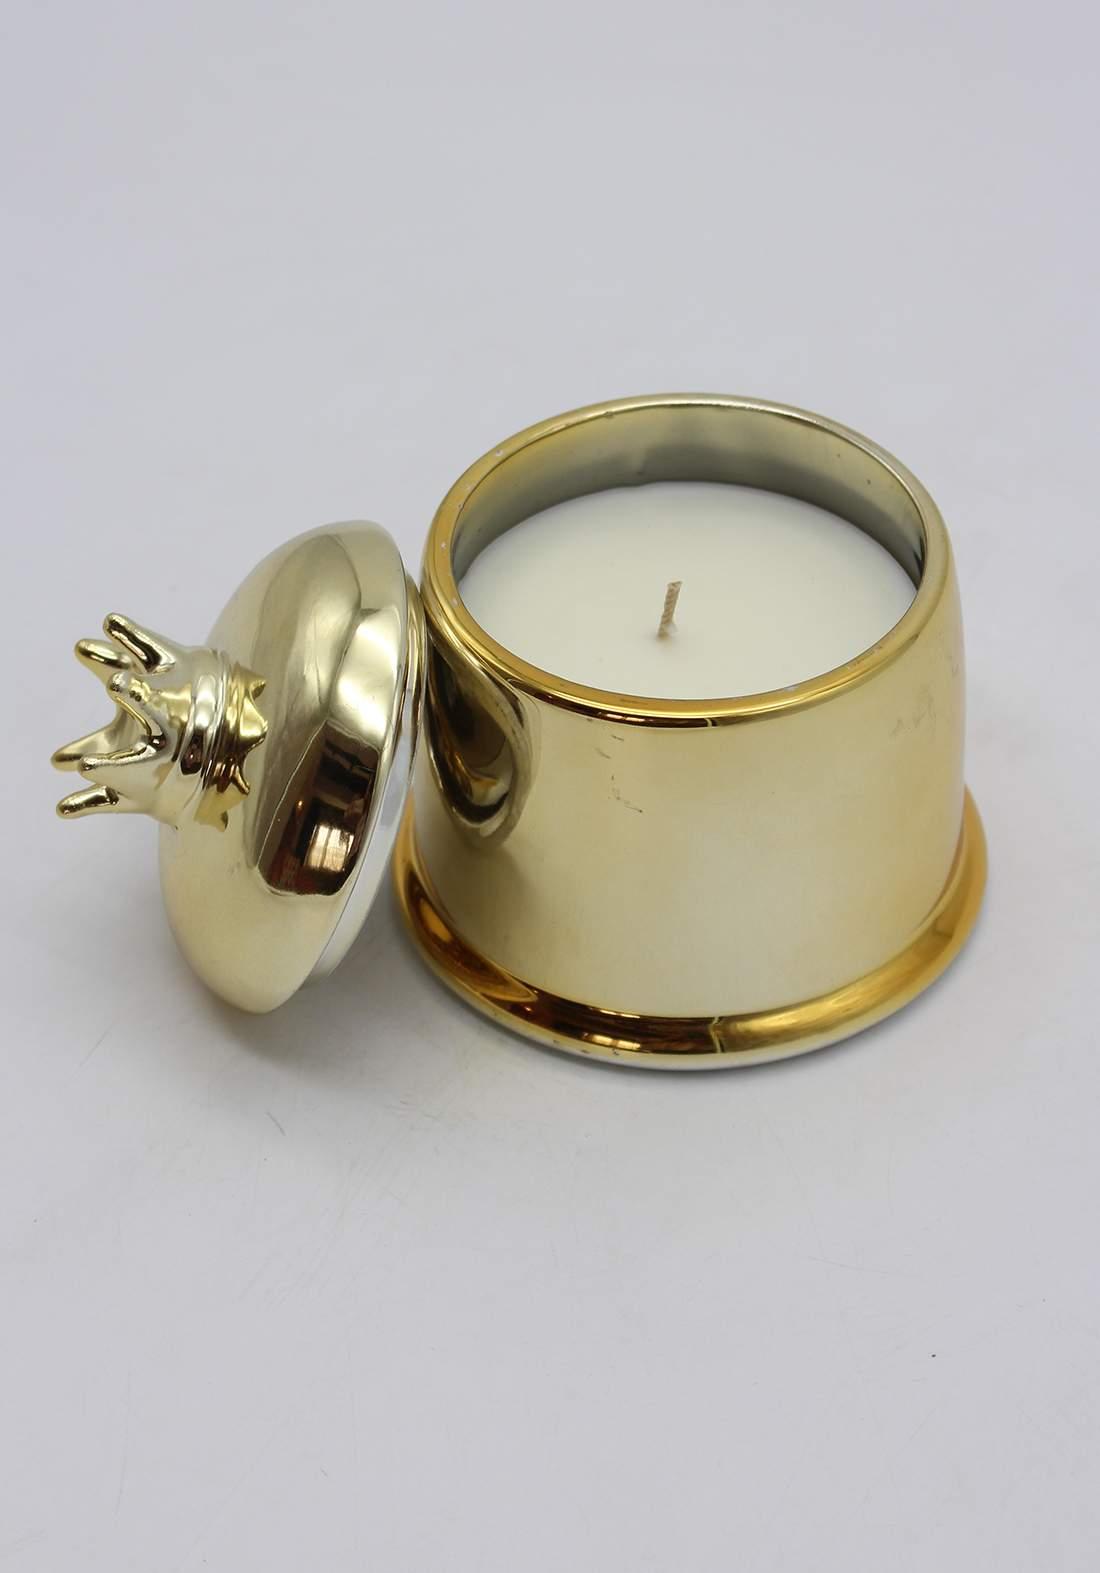 شمع معطر غلاف علبة شكل نجمة